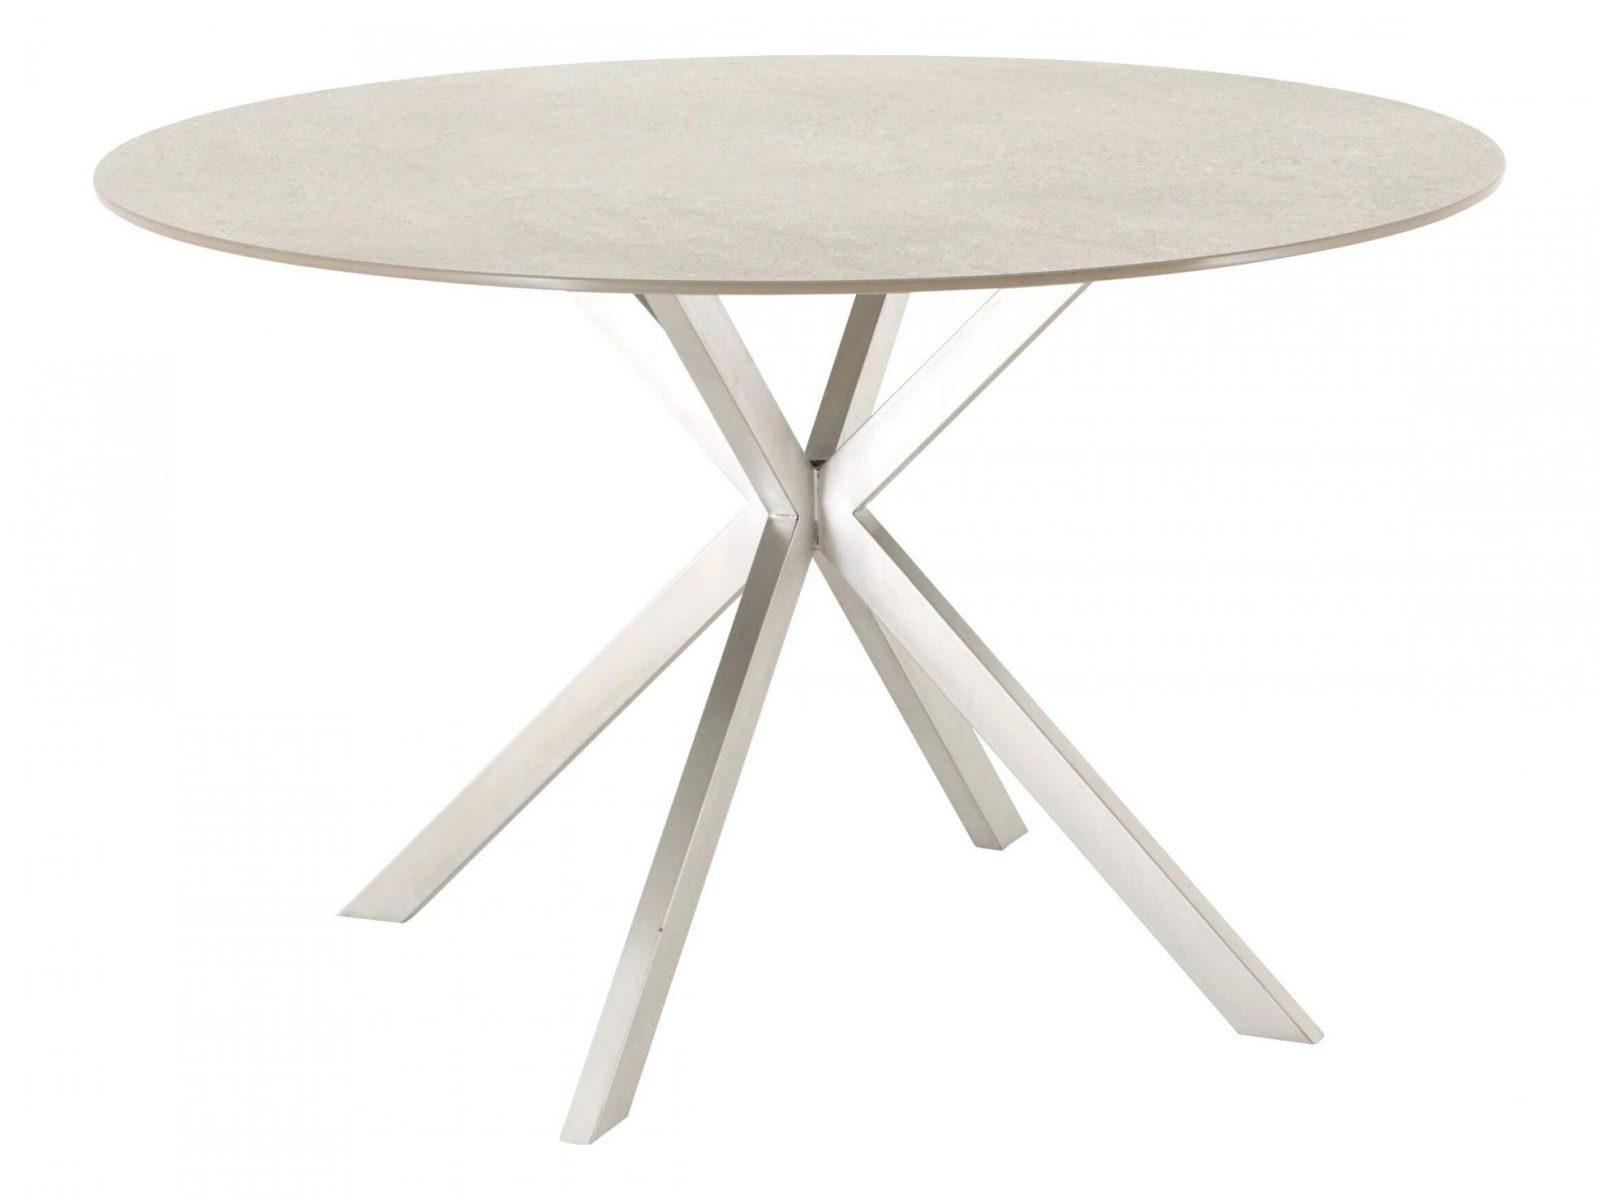 Gartentisch Rund 120 Cm Diamond Garden Belmont Holz Tisch Variante von Gartentisch Rund 120 Cm Metall Bild